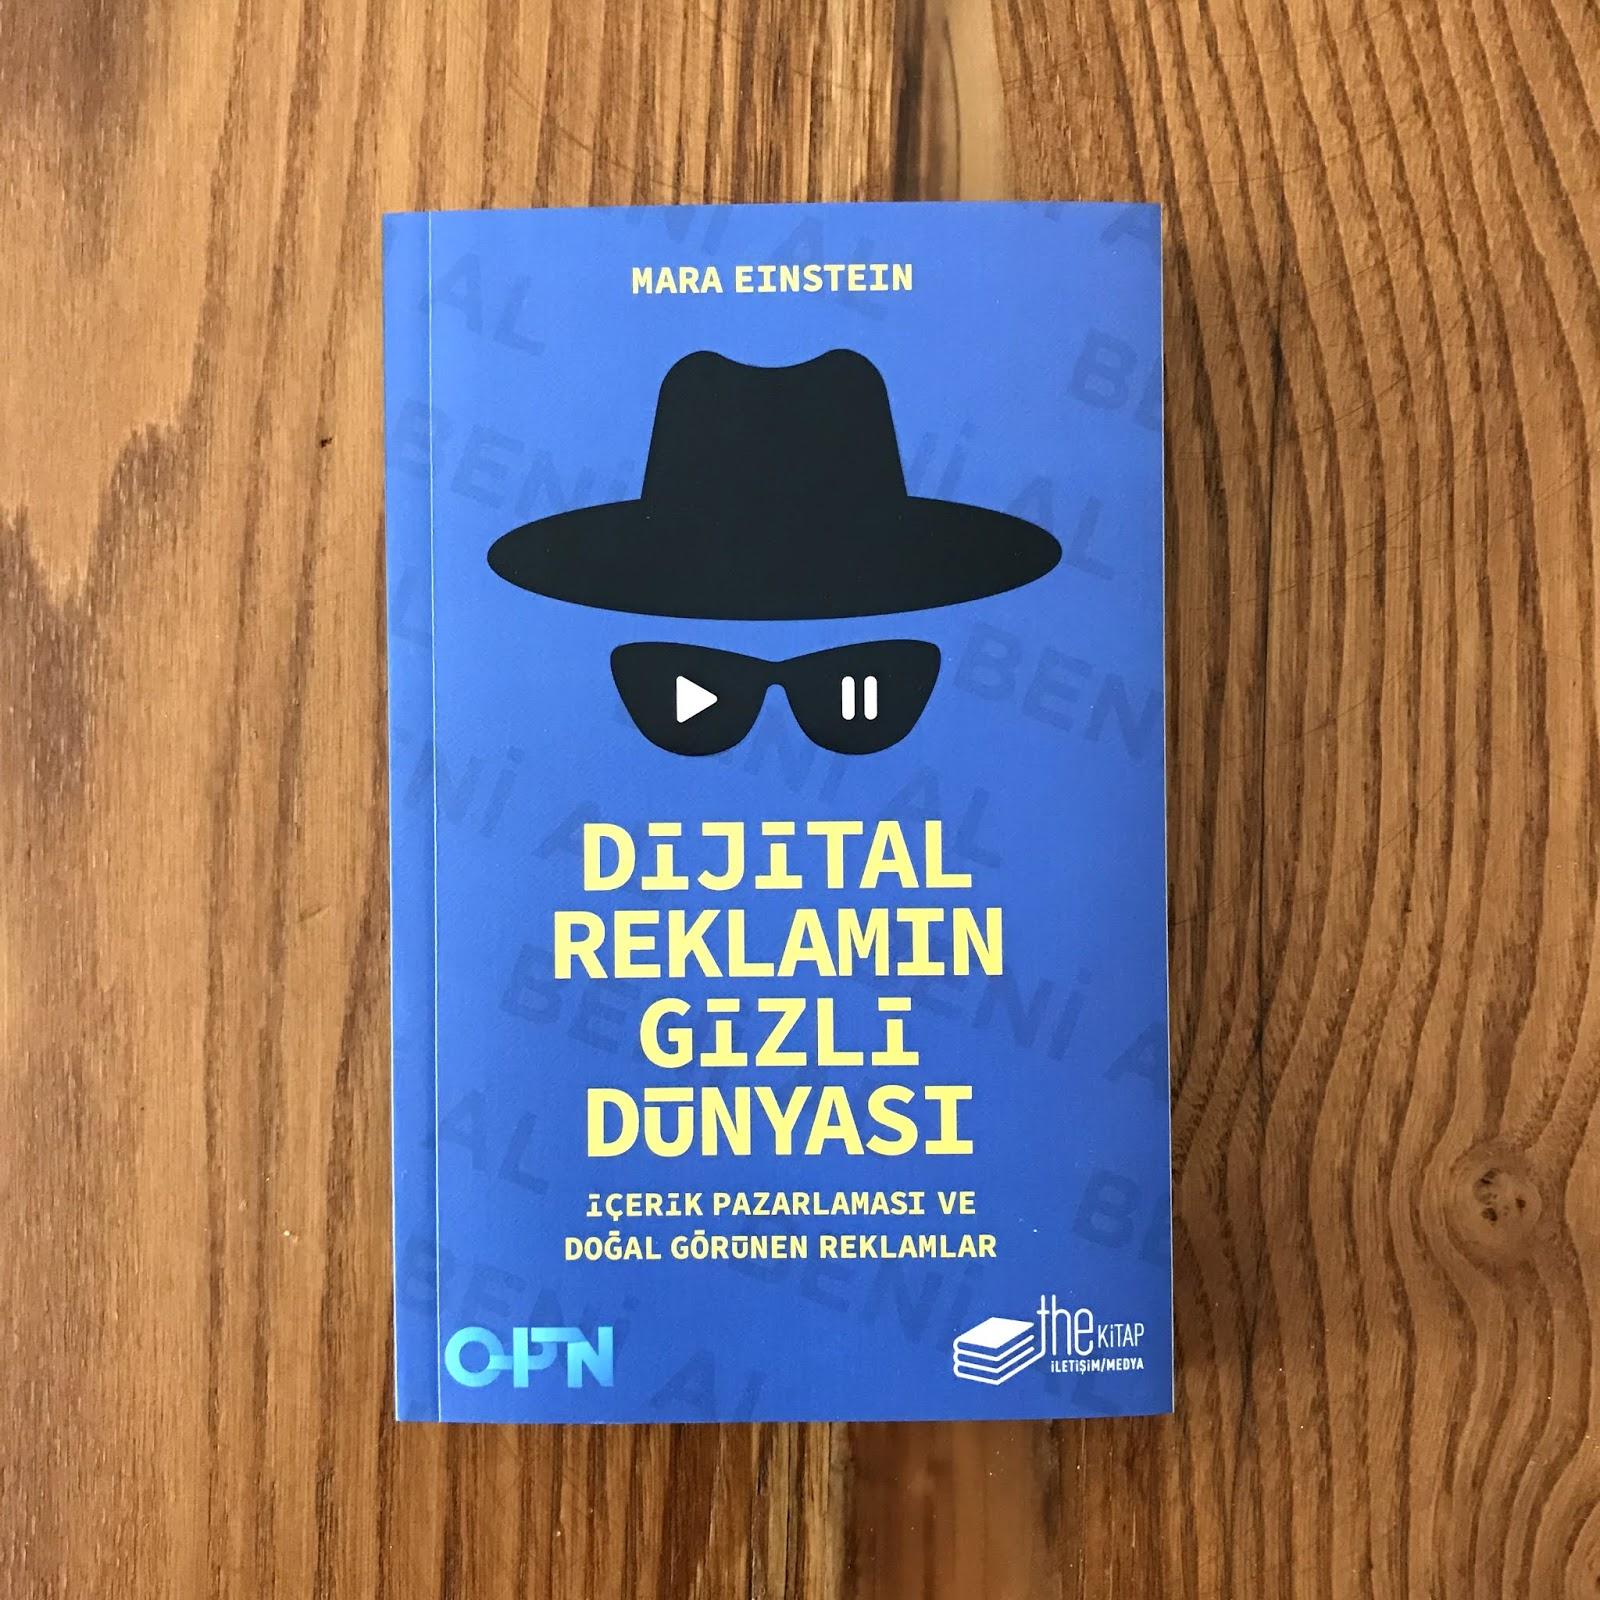 Dijital Reklamin Gizli Dunyasi - Icerik Pazarlamasi ve Dogal Gorunen Reklamlar (Kitap)